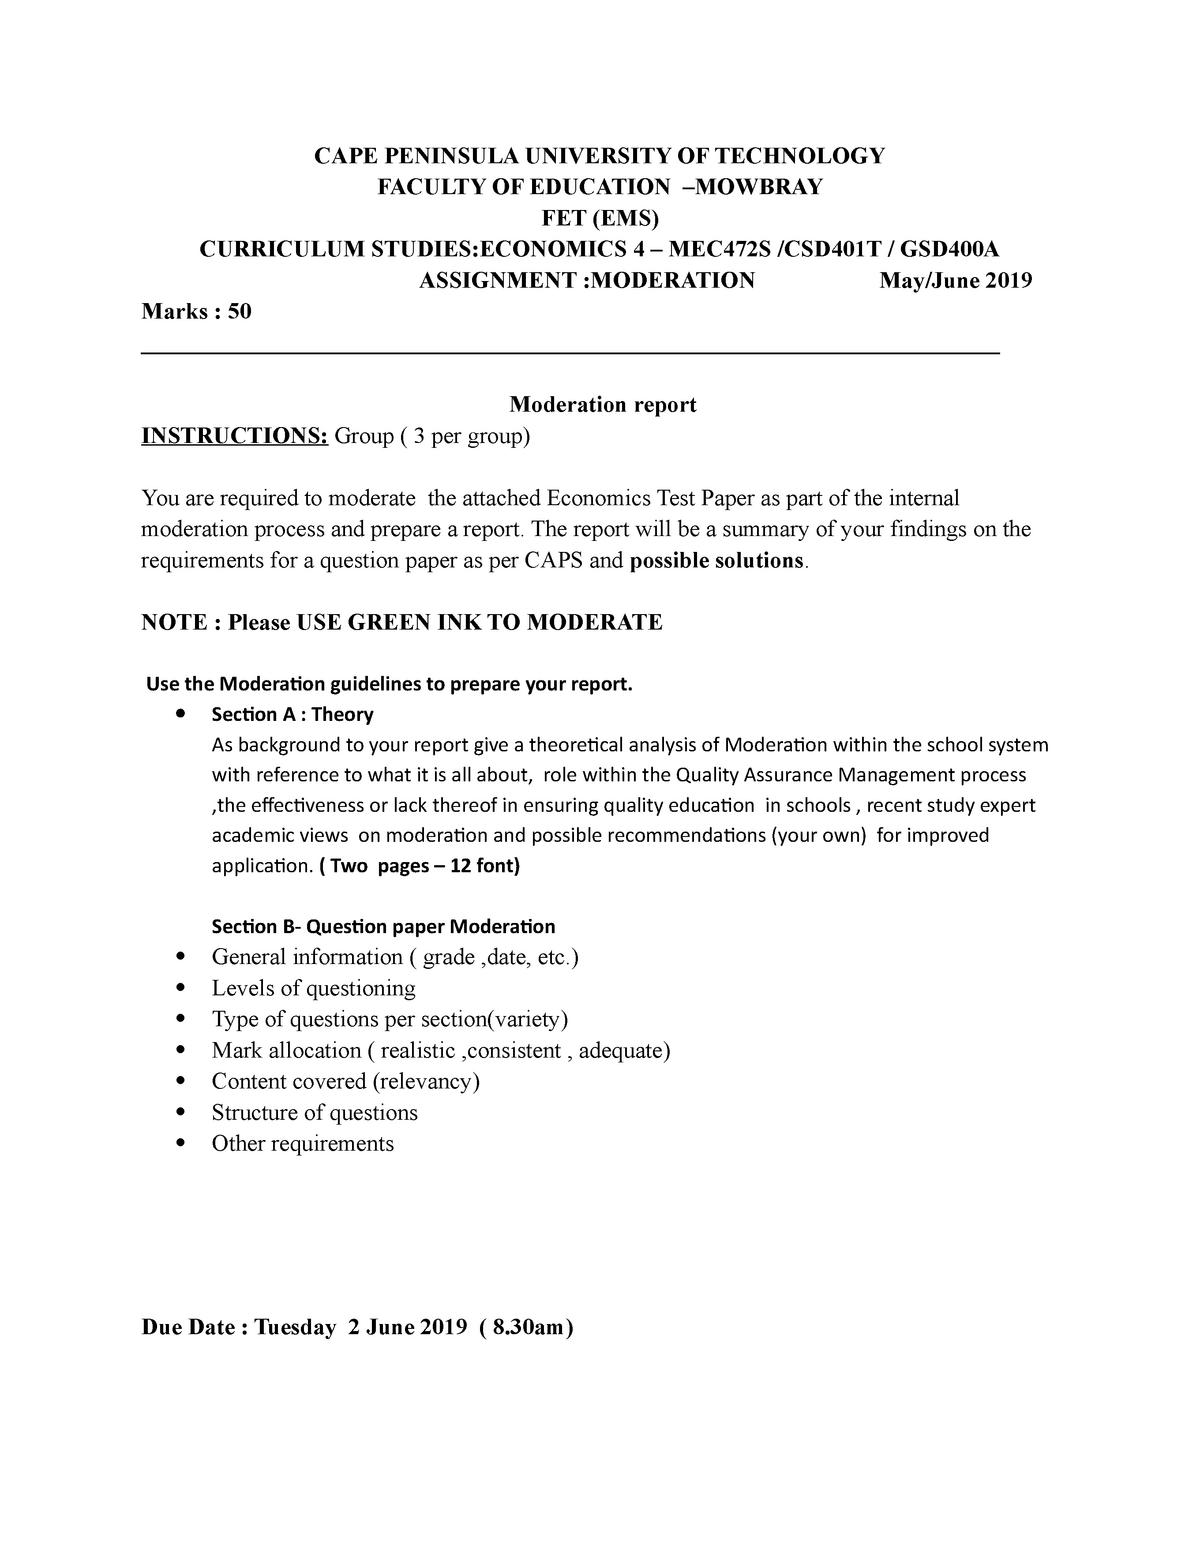 SD Eco 4 2019 BB Moderation assignment - S202EVC - CPUT